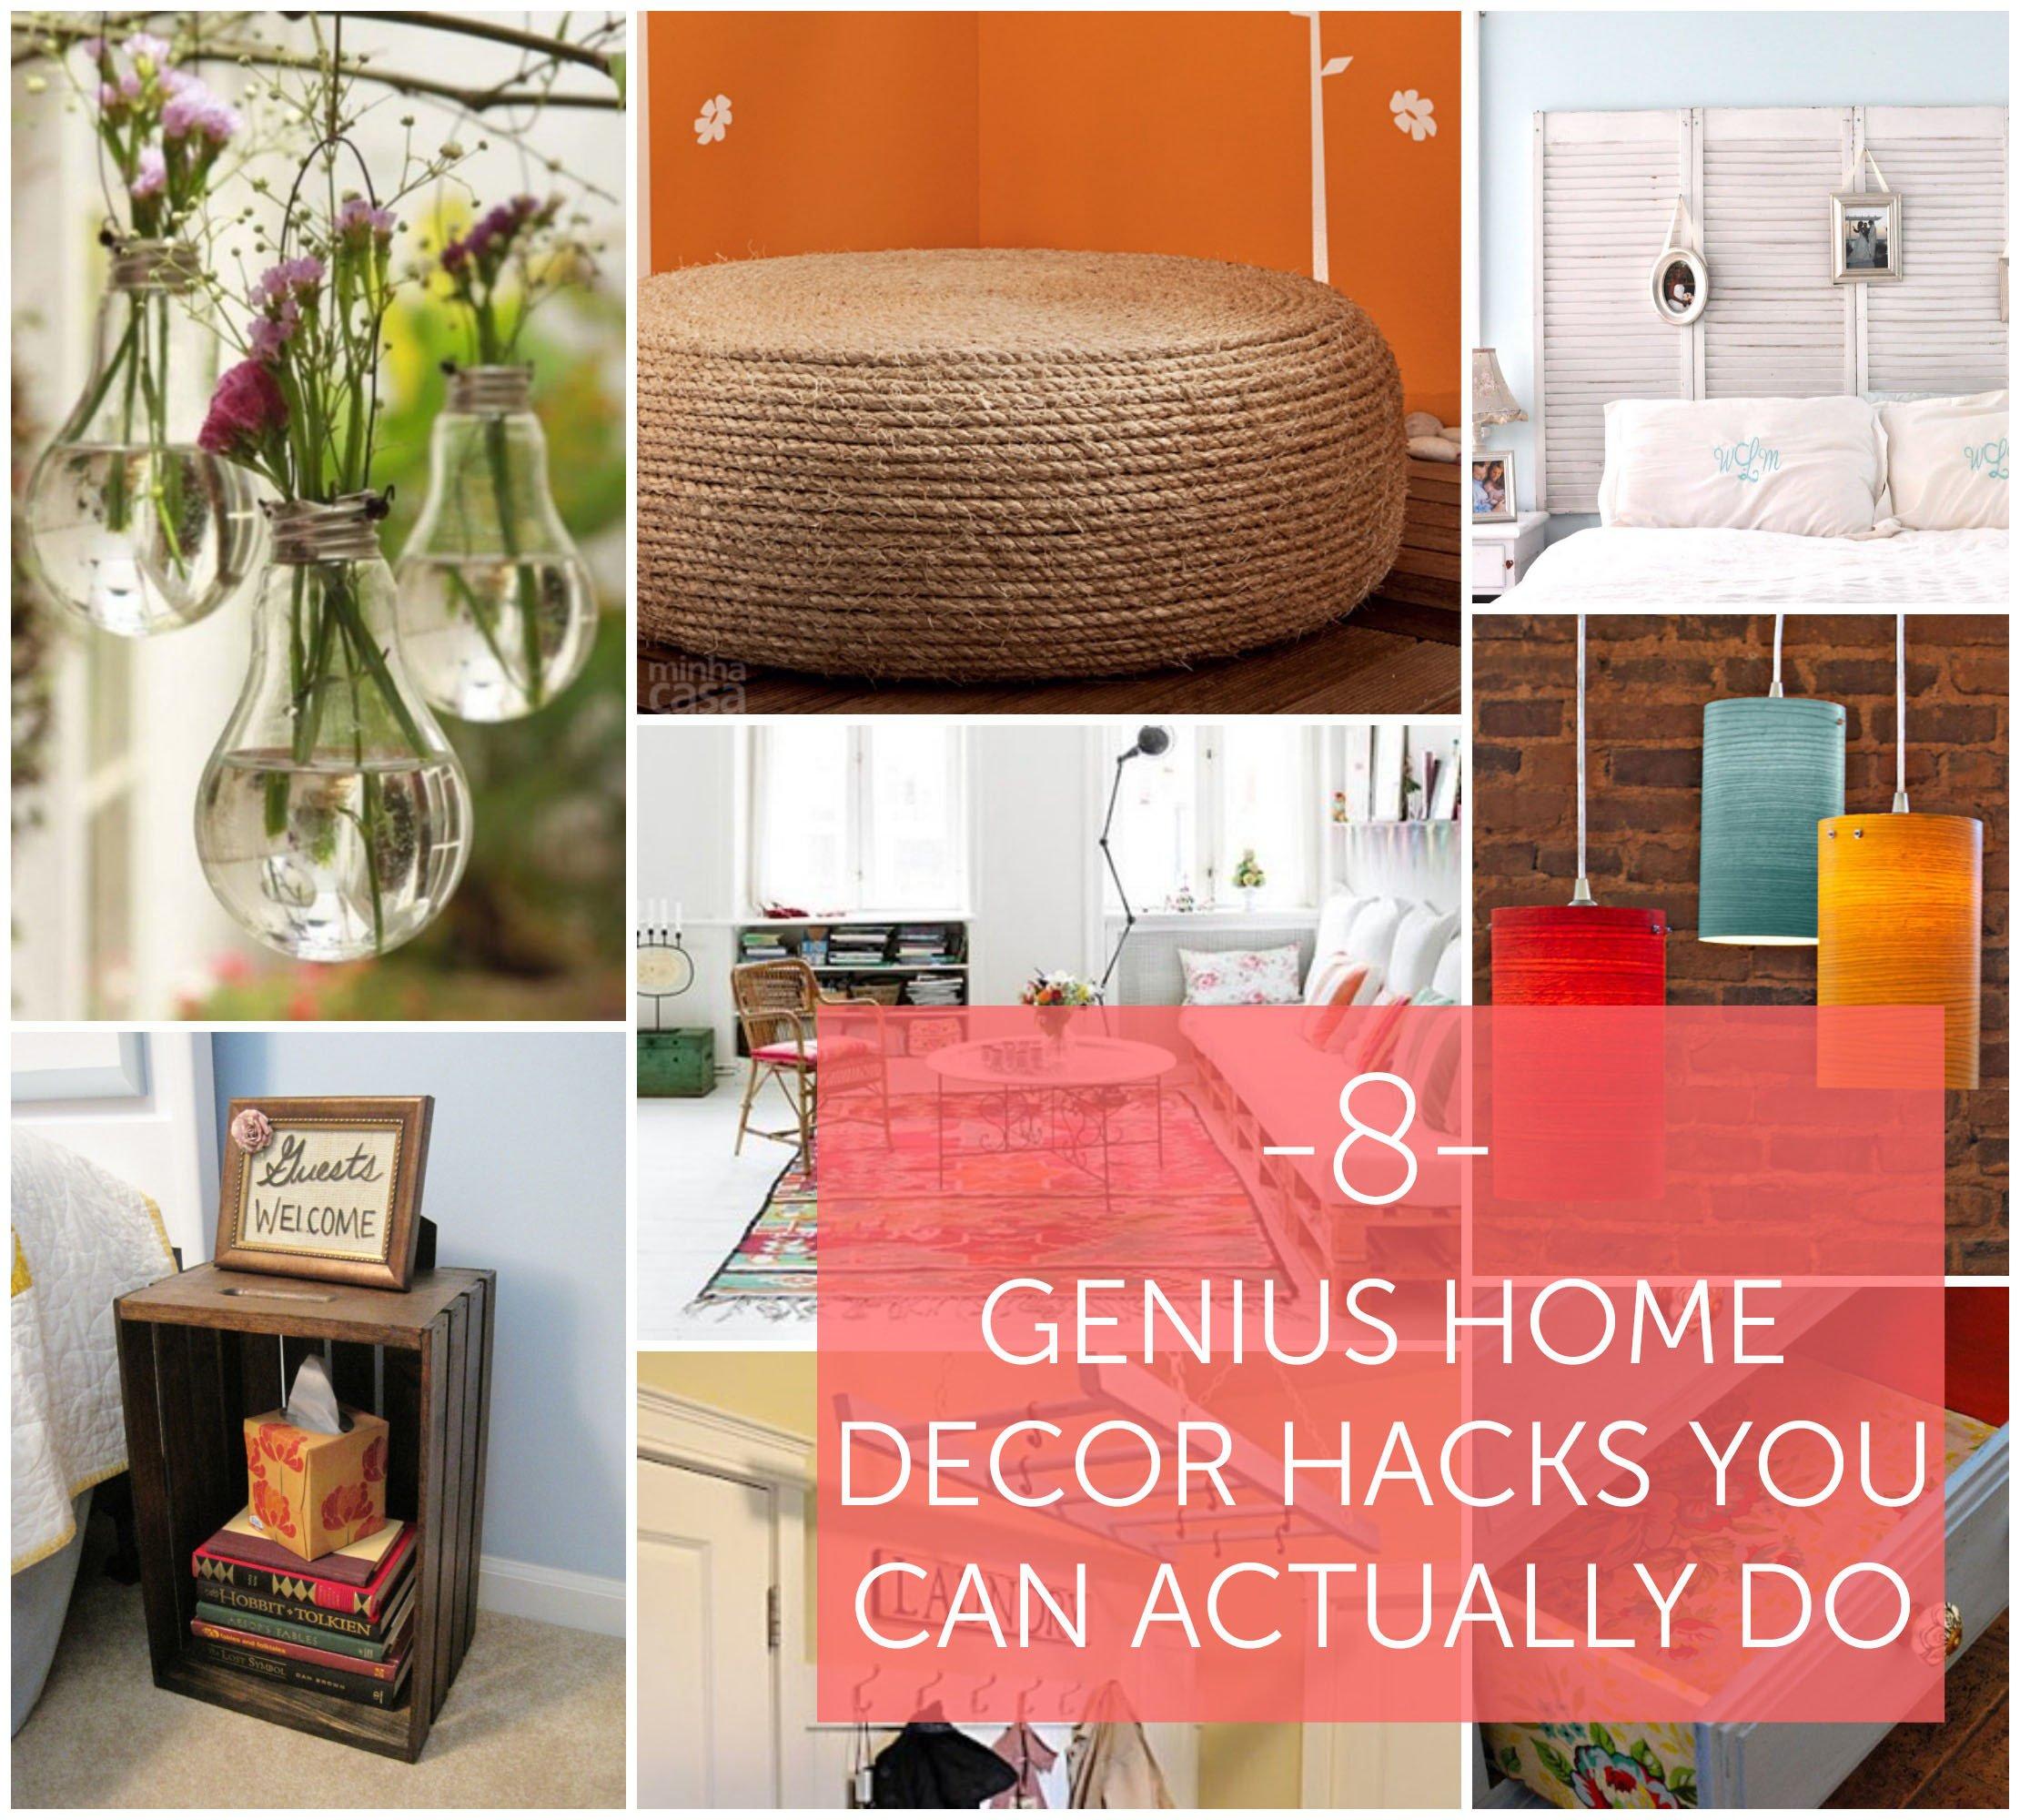 Where to Buy Home Decor New 8 Genius Home Decor Hacks You Can Actually Do